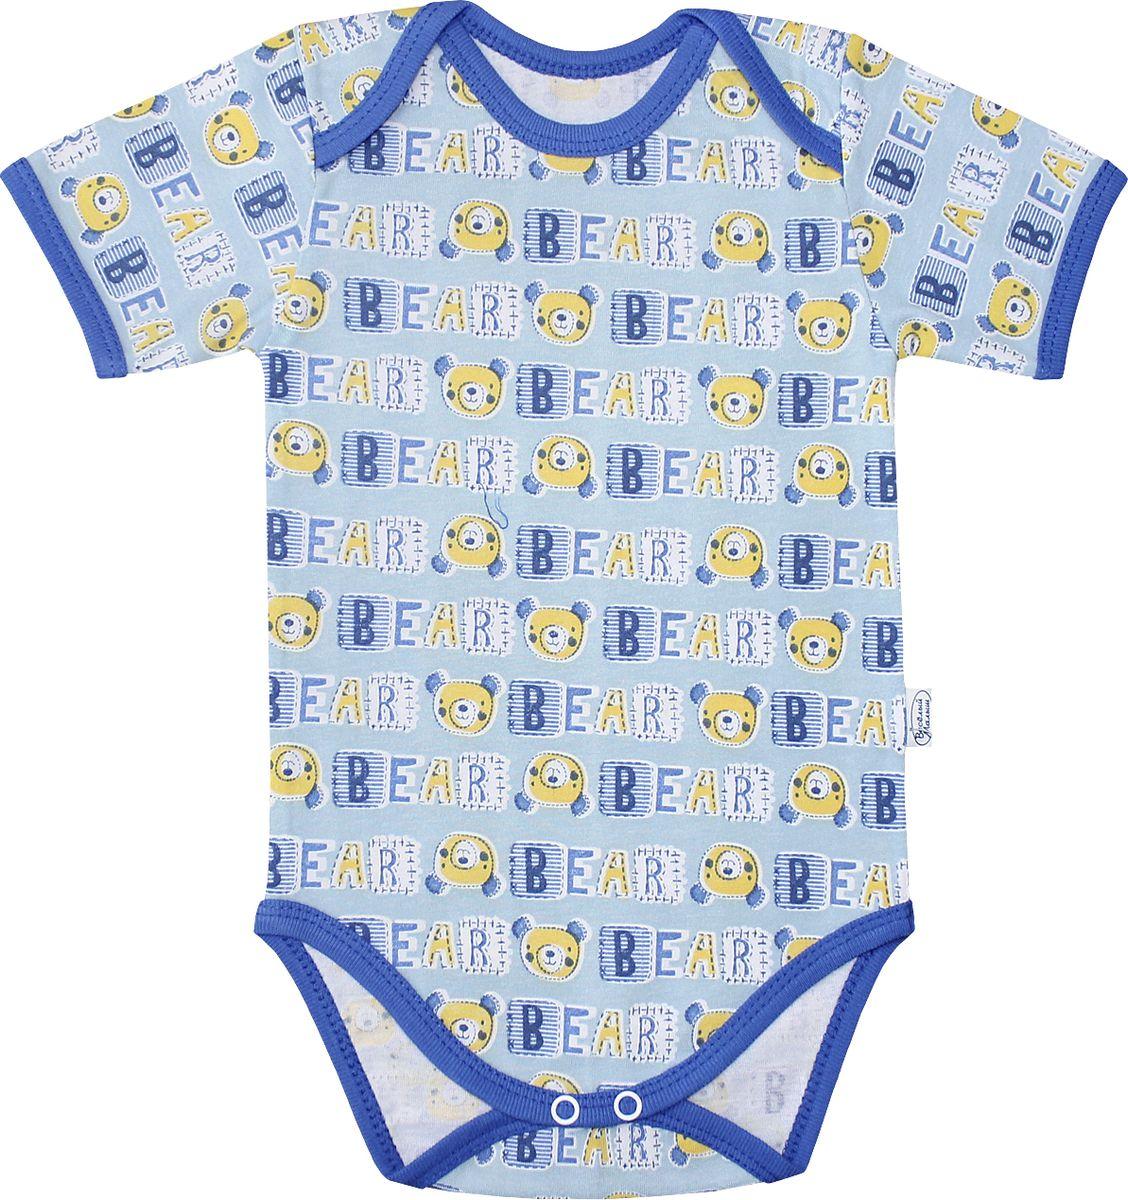 цены Боди для мальчика Веселый малыш One, цвет: голубой. 41172/one-E (1)_медведь. Размер 80